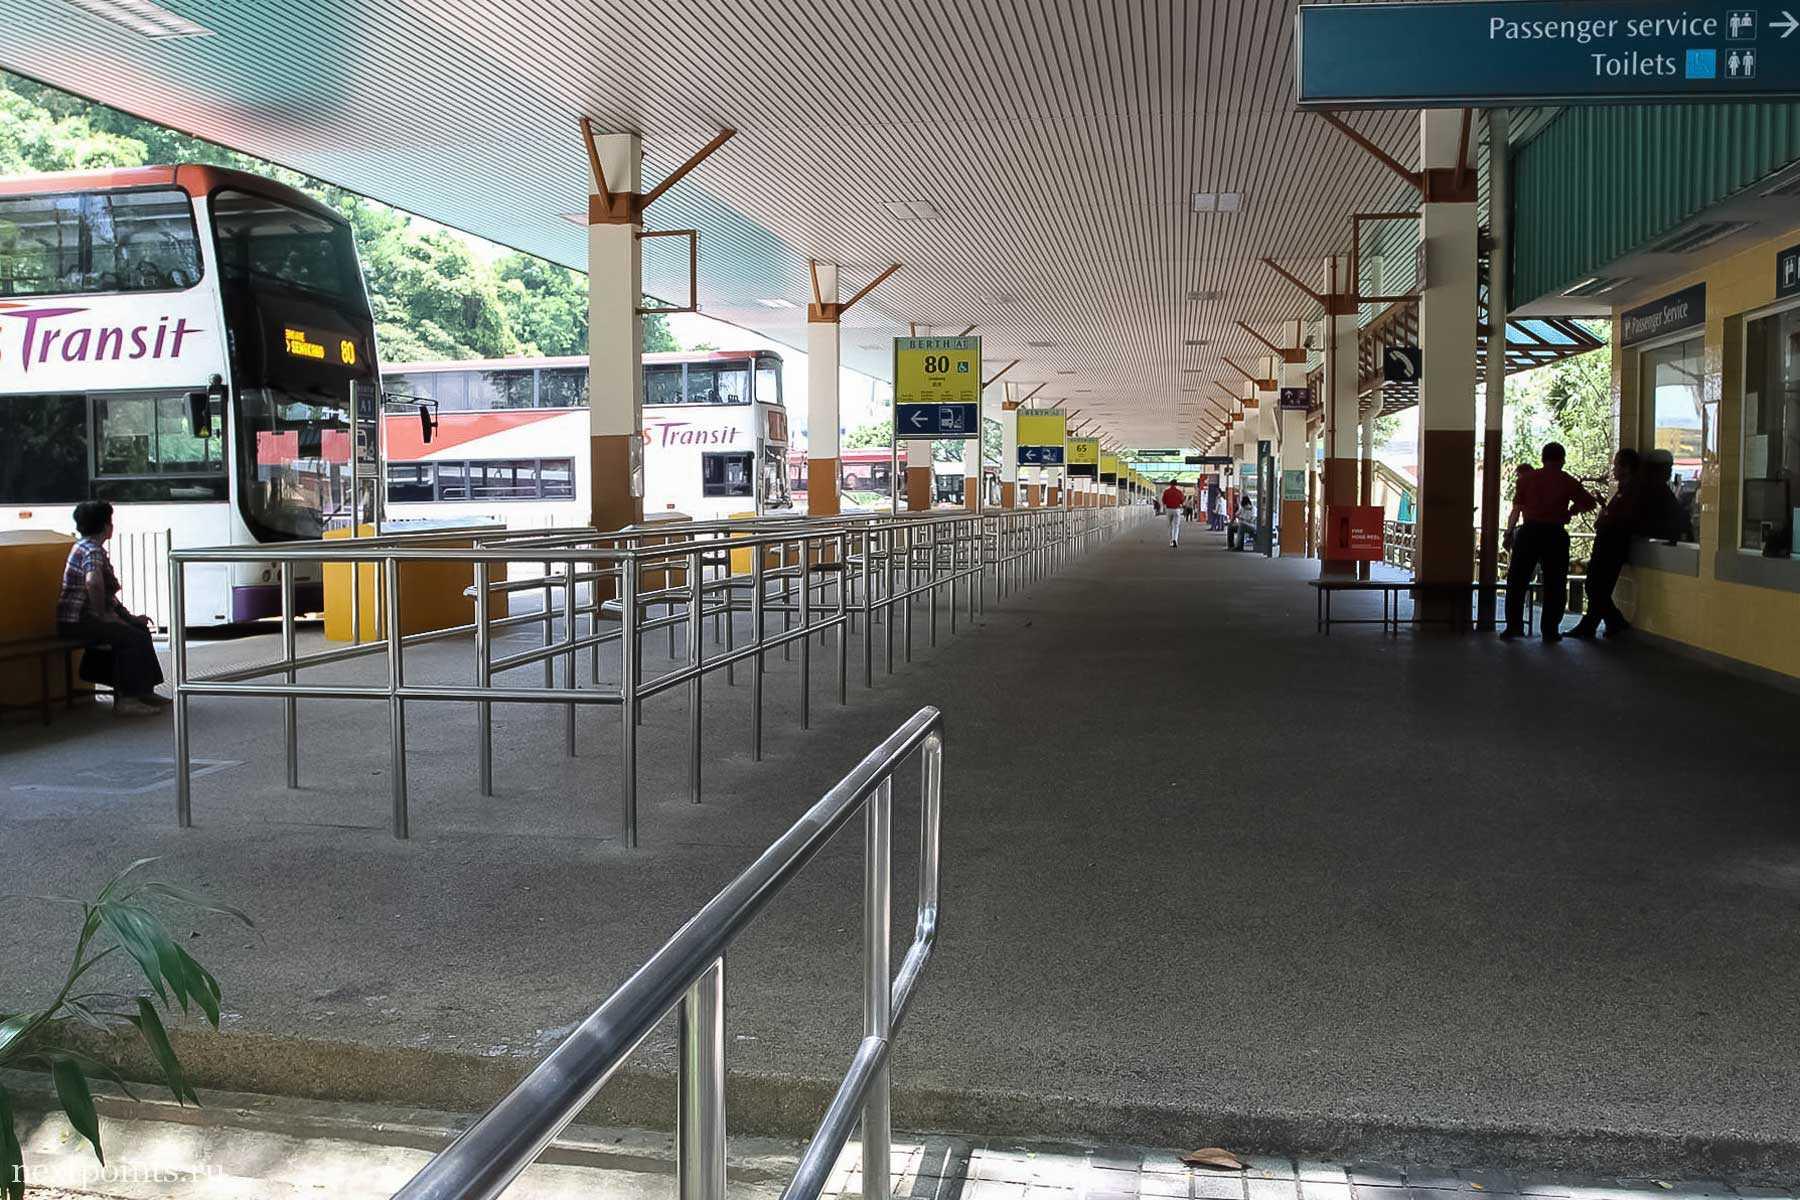 Автобусная остановка в Сингапуре